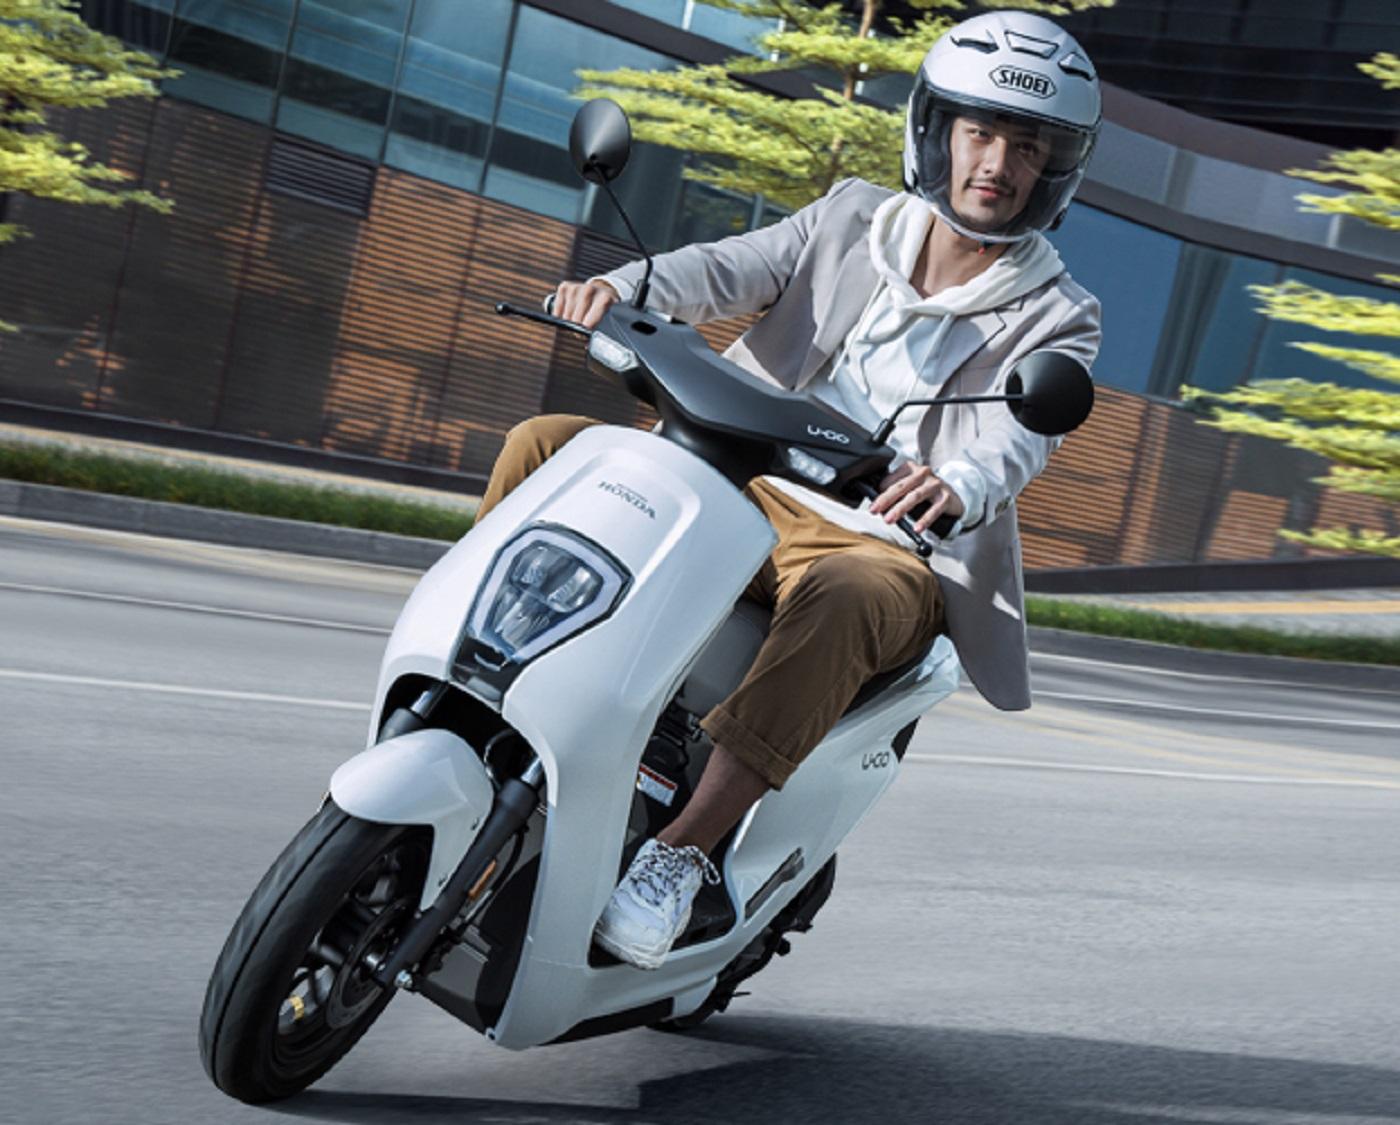 scooter honda u go de frente em movimento